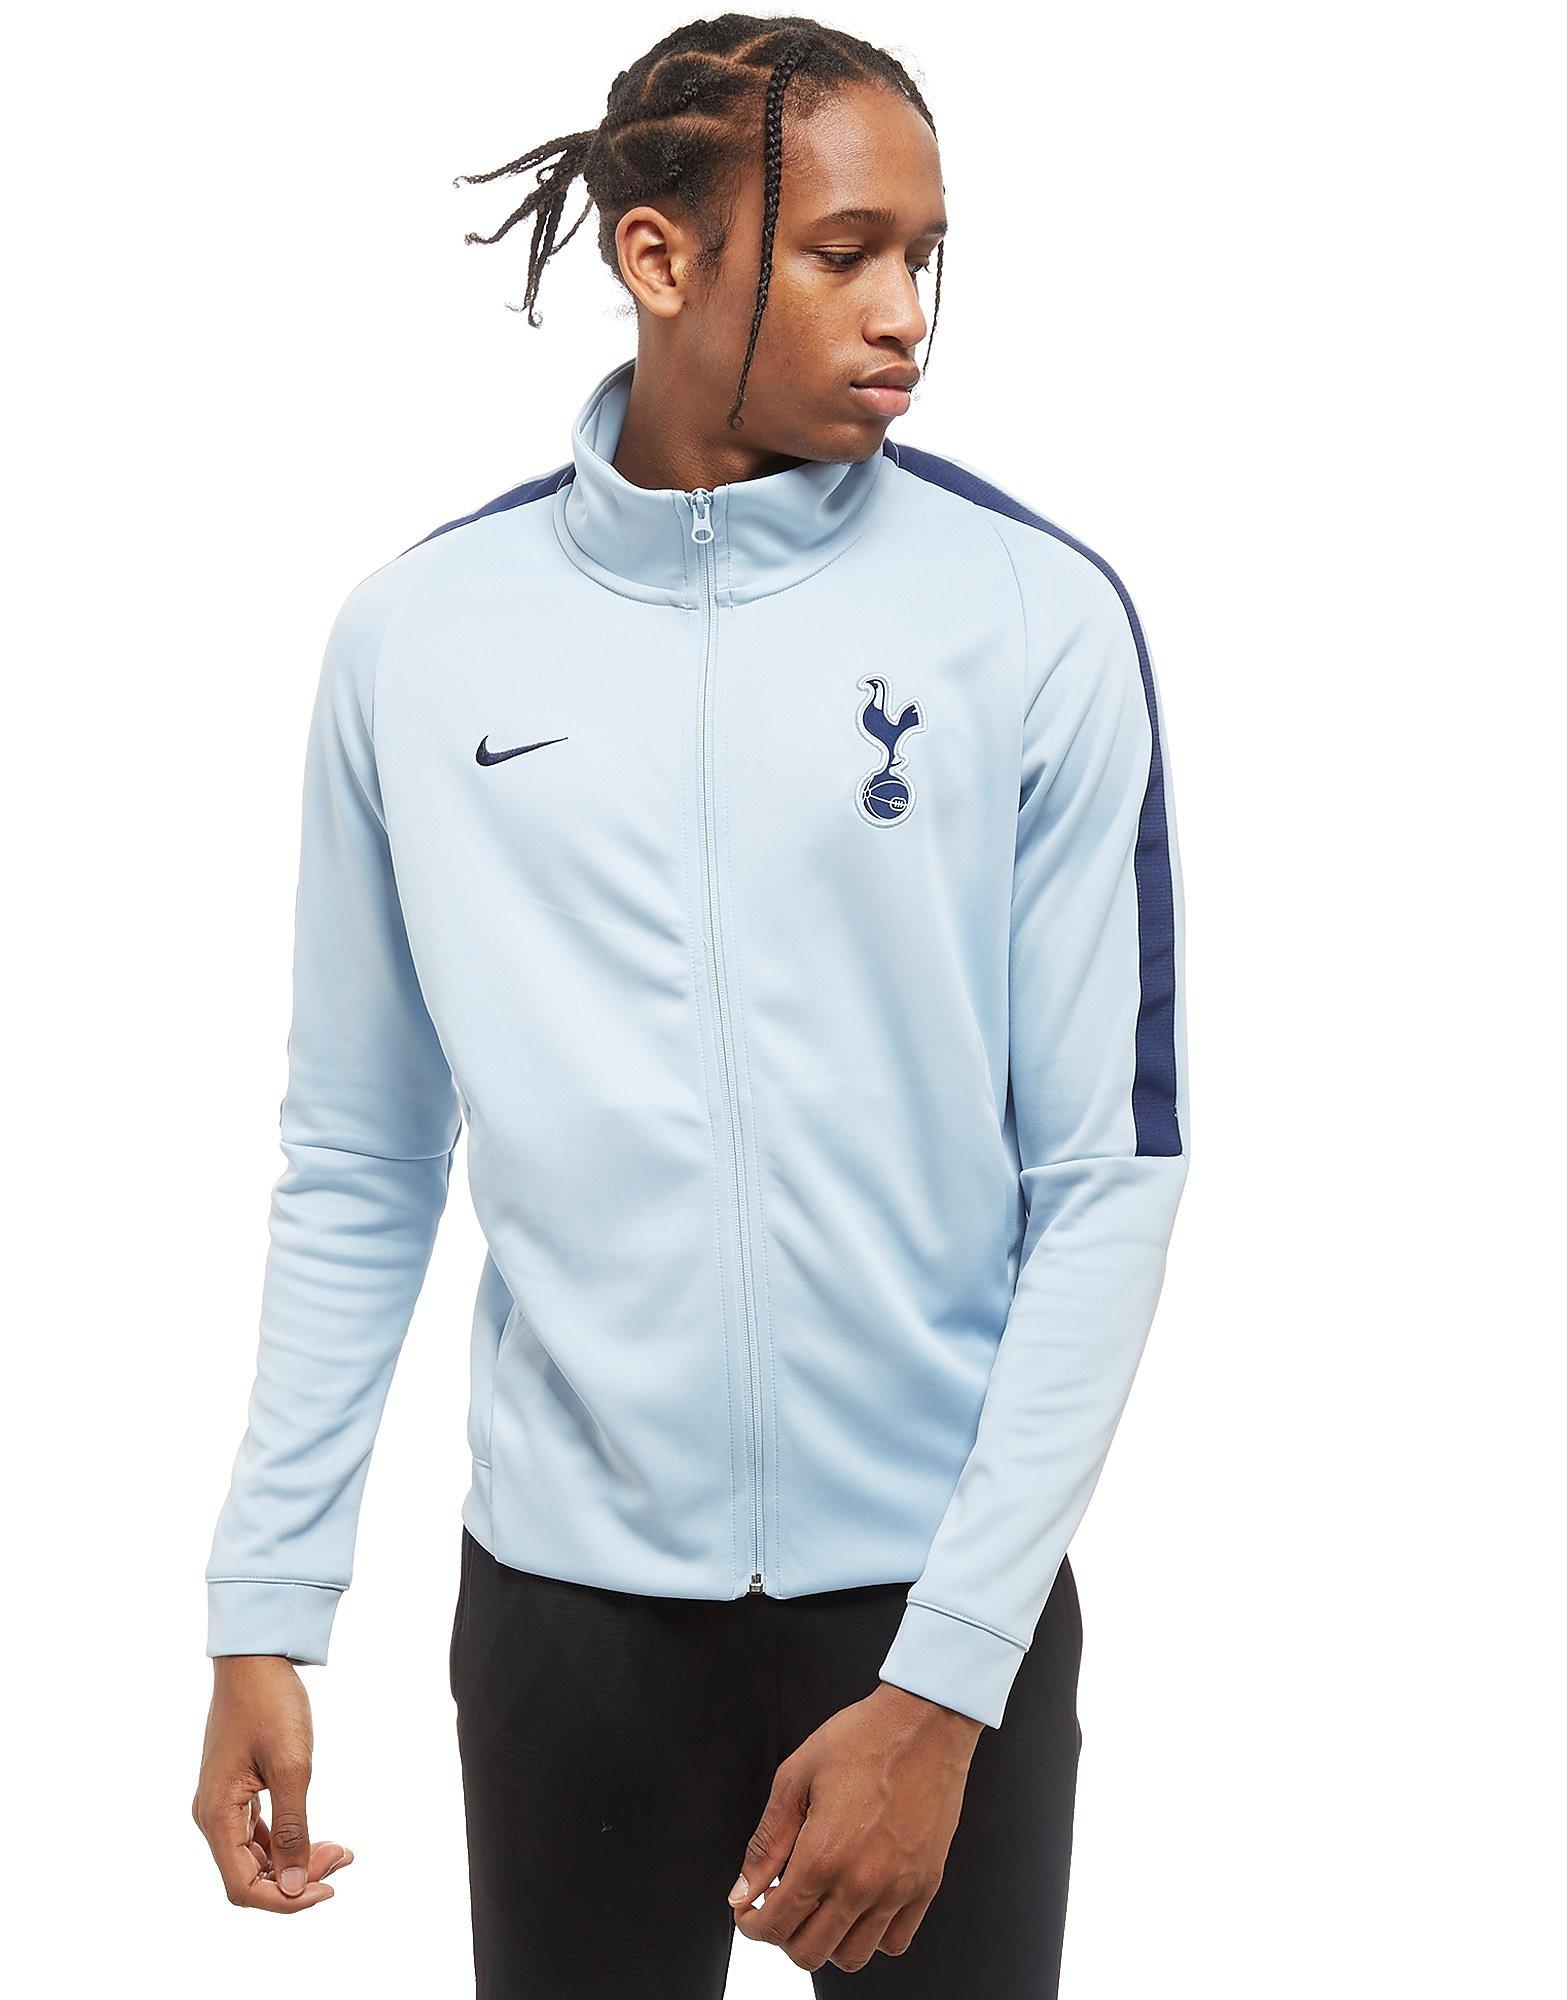 Nike Tottenham Hotspur FC N98 Track Top